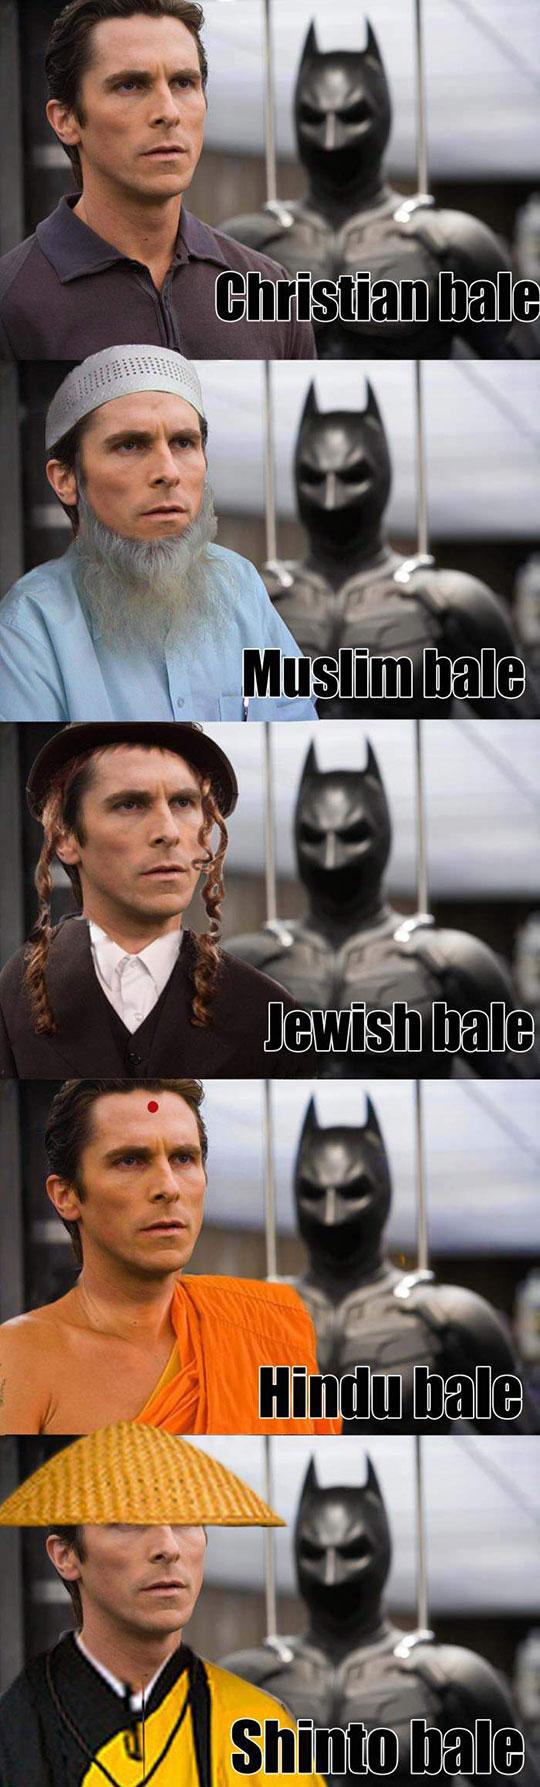 Multi Faith Bale